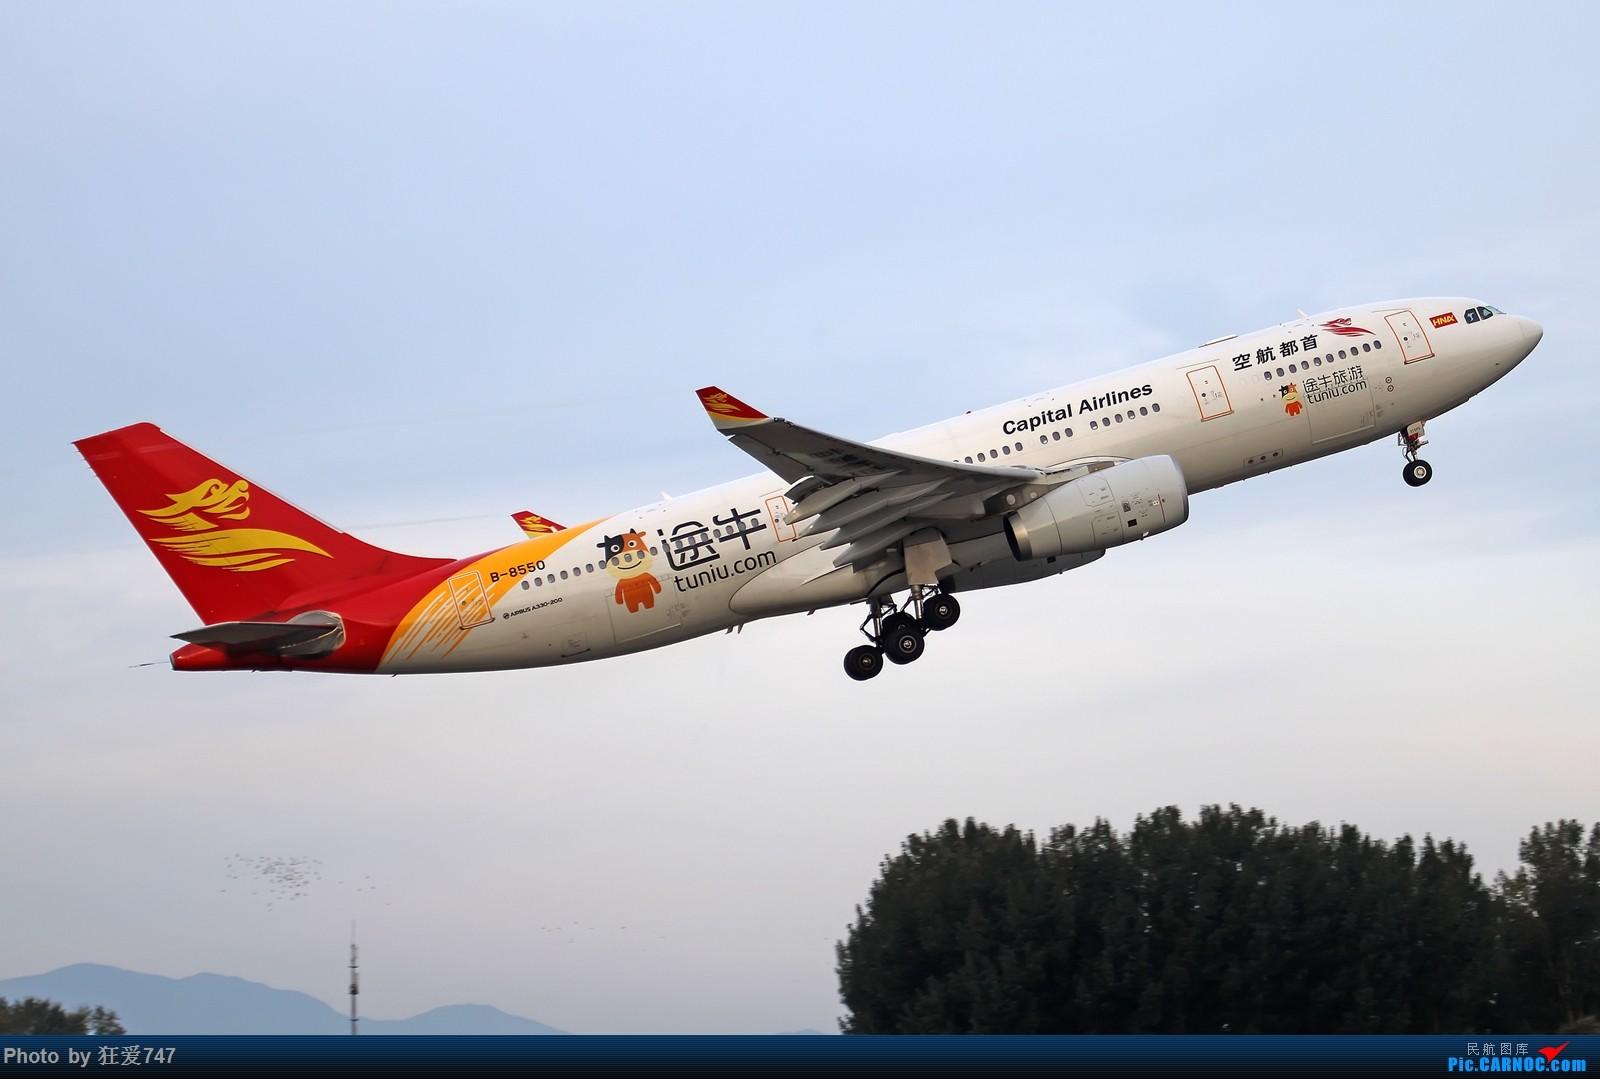 [原创]一张图:途牛旅游彩绘 AIRBUS A330-200 B-8550 中国北京首都国际机场